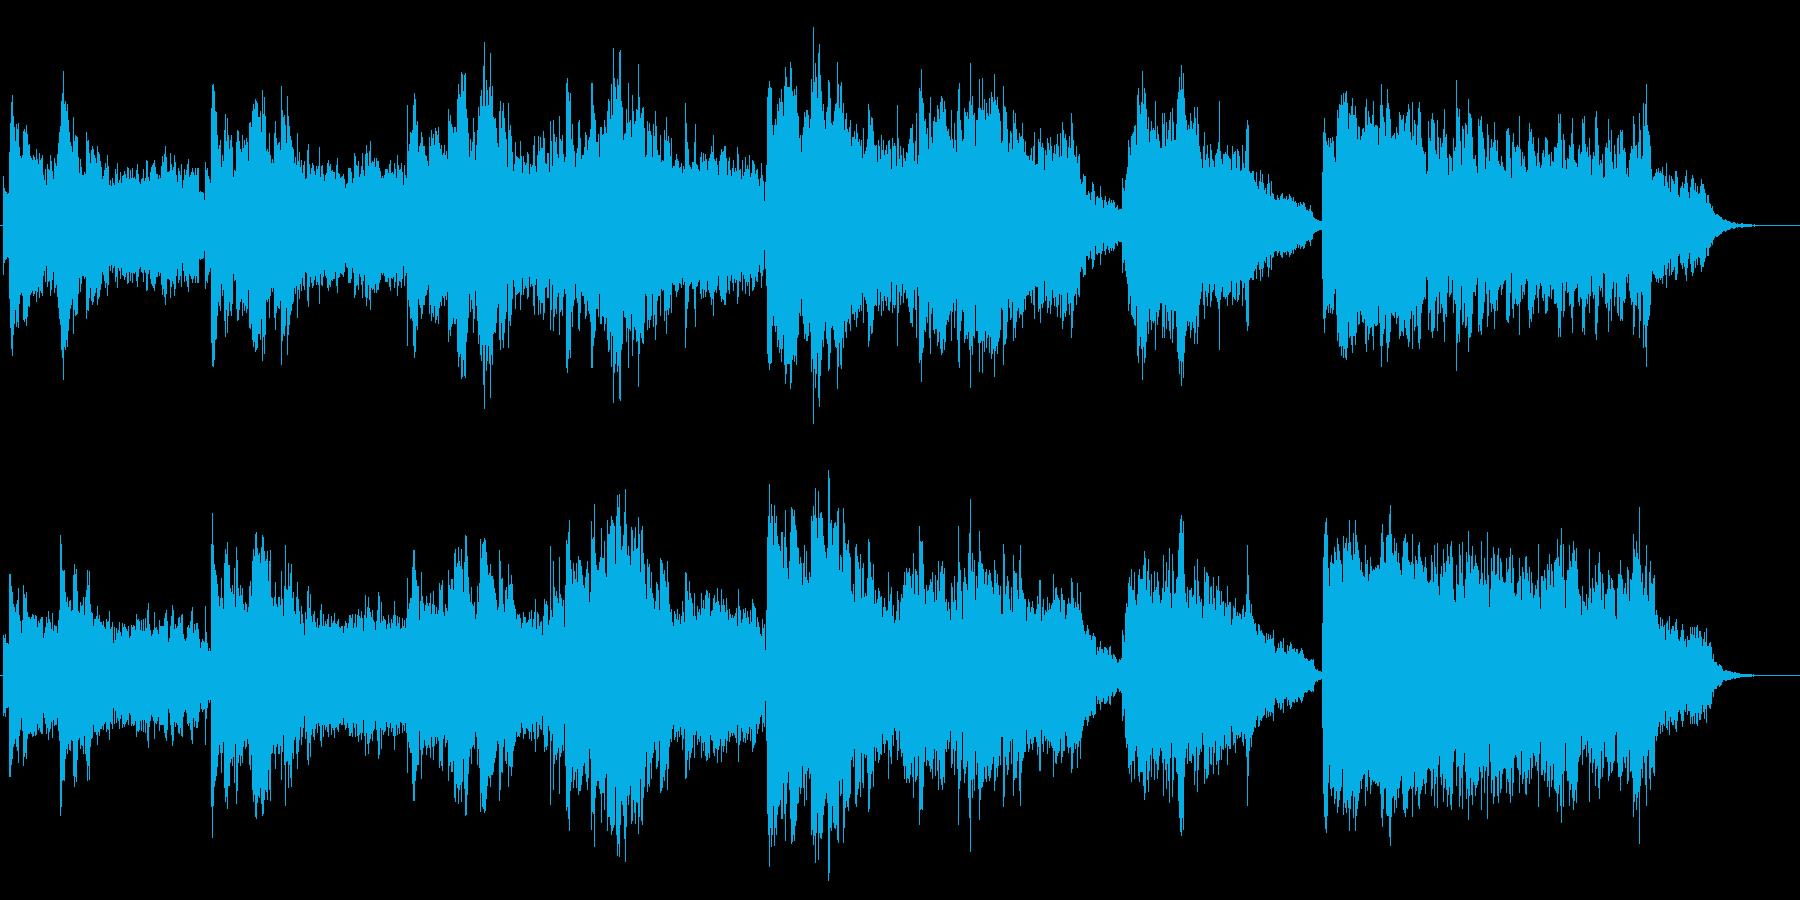 幻想的光のイメージ ピアノとシンセの再生済みの波形